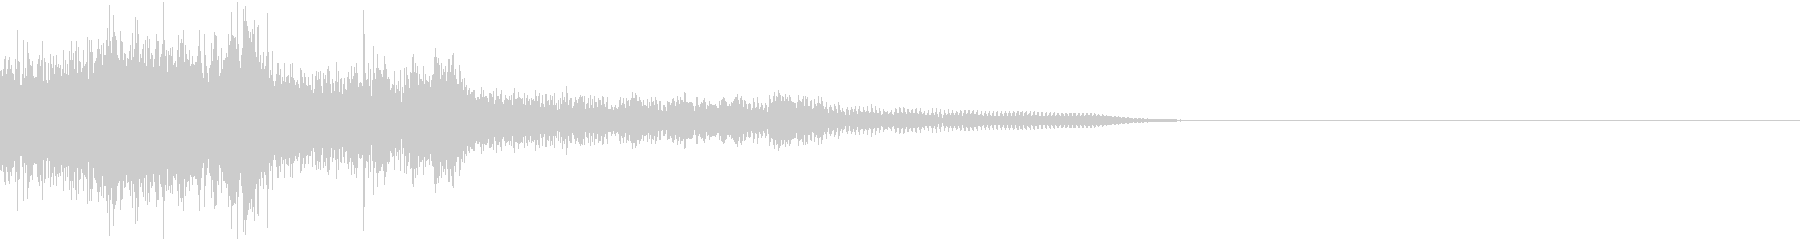 衝撃 金属音 恐怖 震撼 ホラー 20の未再生の波形